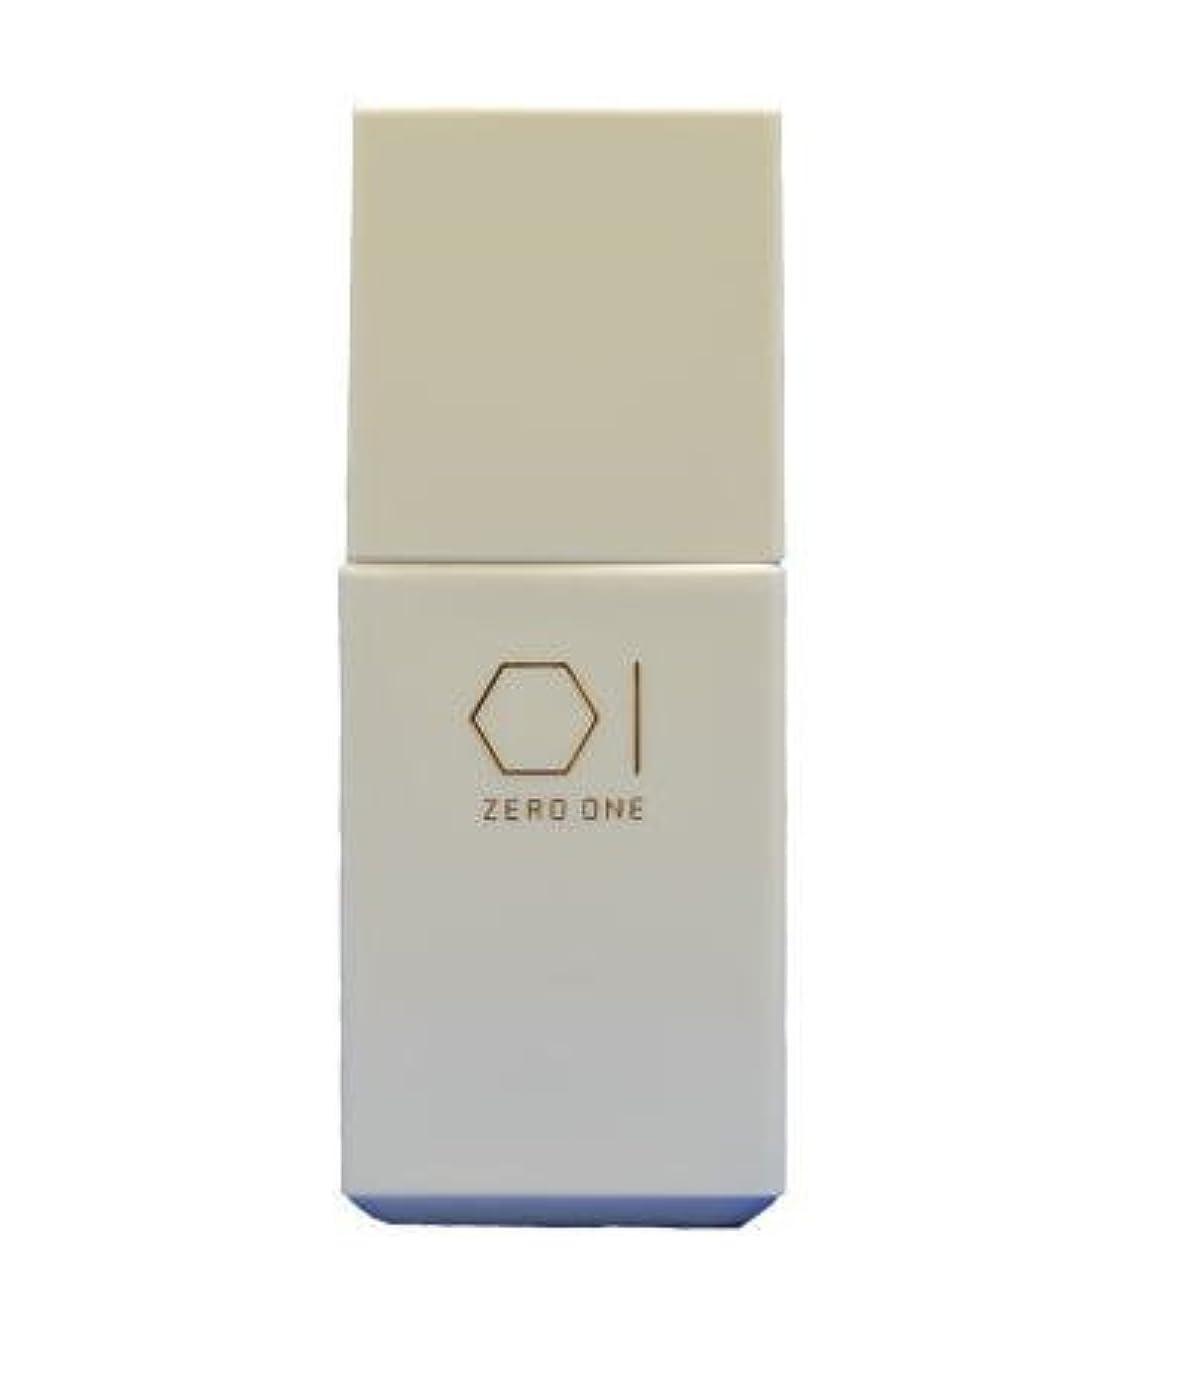 ZERO ONE(ゼロワン) 50ml